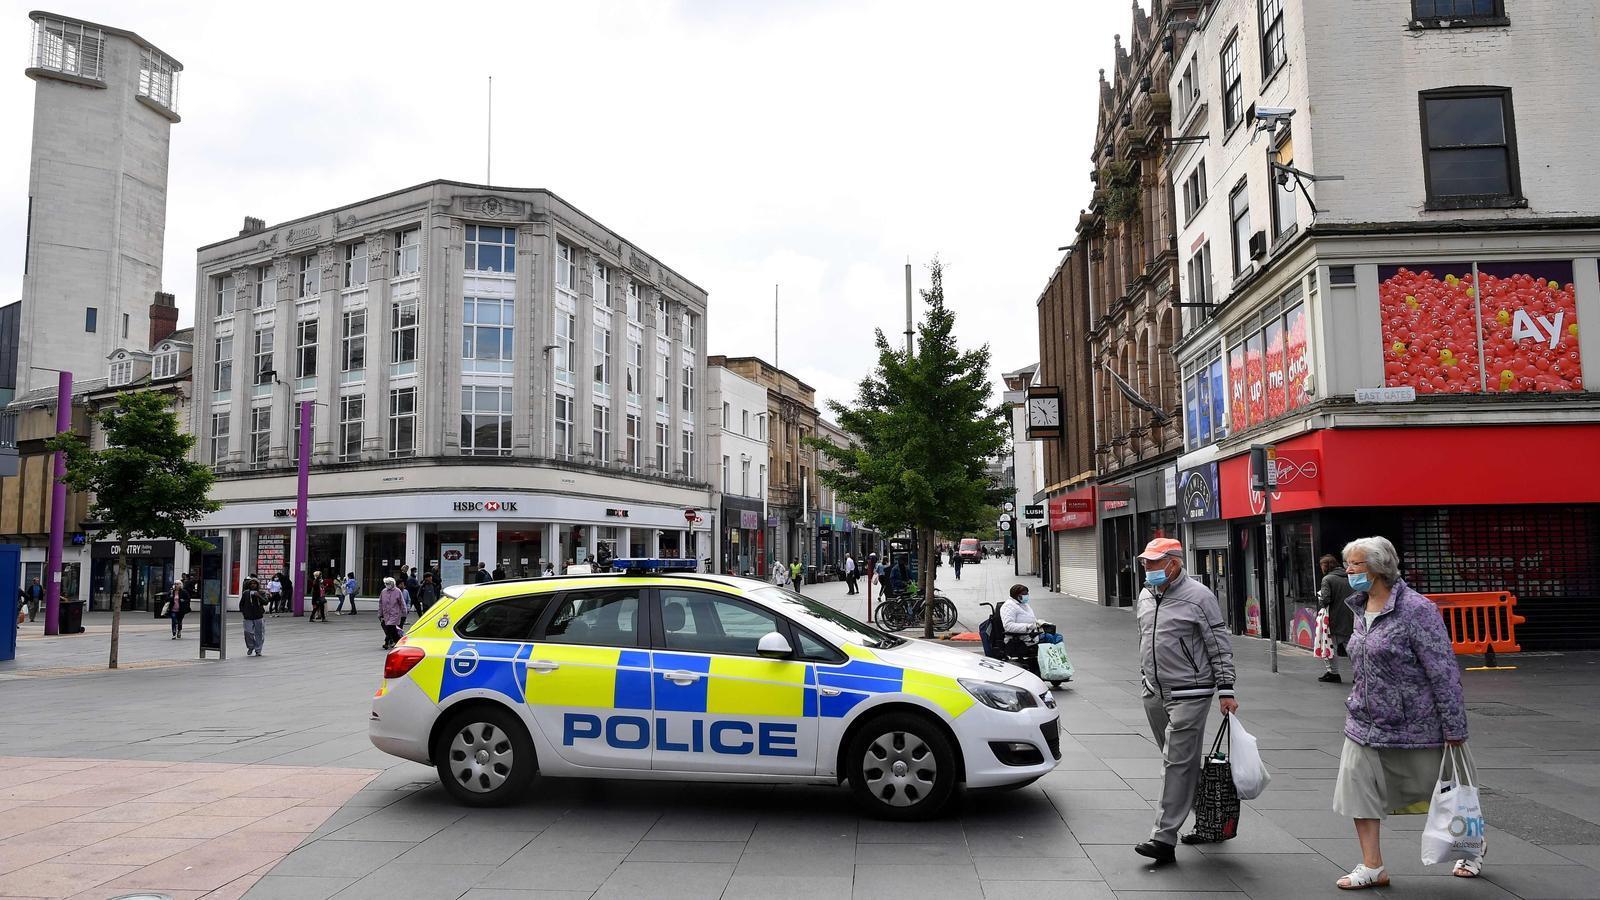 Una imatge del centre de Leicester, que aquest dilluns s'ha despertat de nou confinada